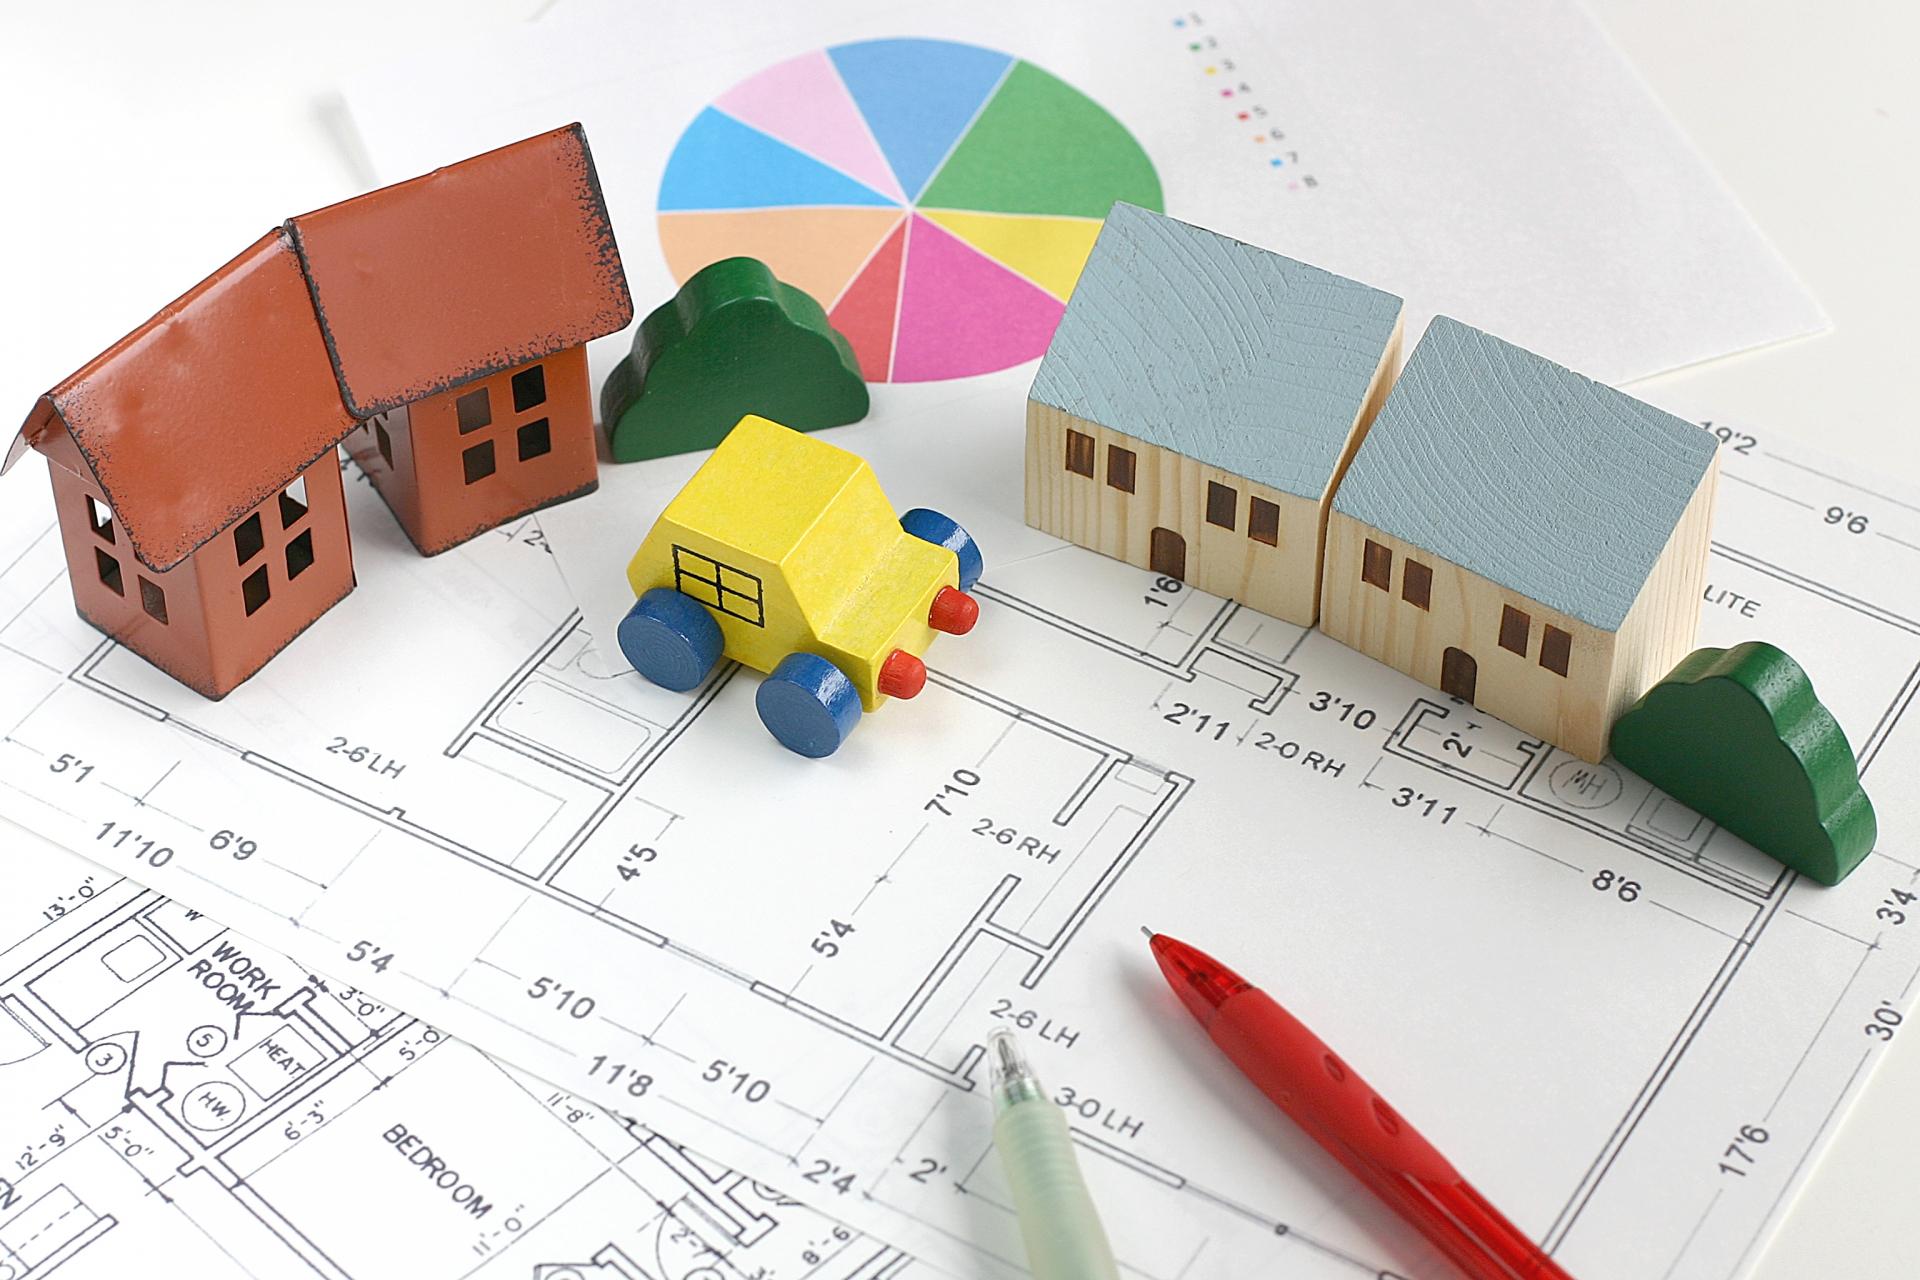 遮熱塗料と断熱塗料の違いを徹底比較!性能・費用でみる選び方ガイド